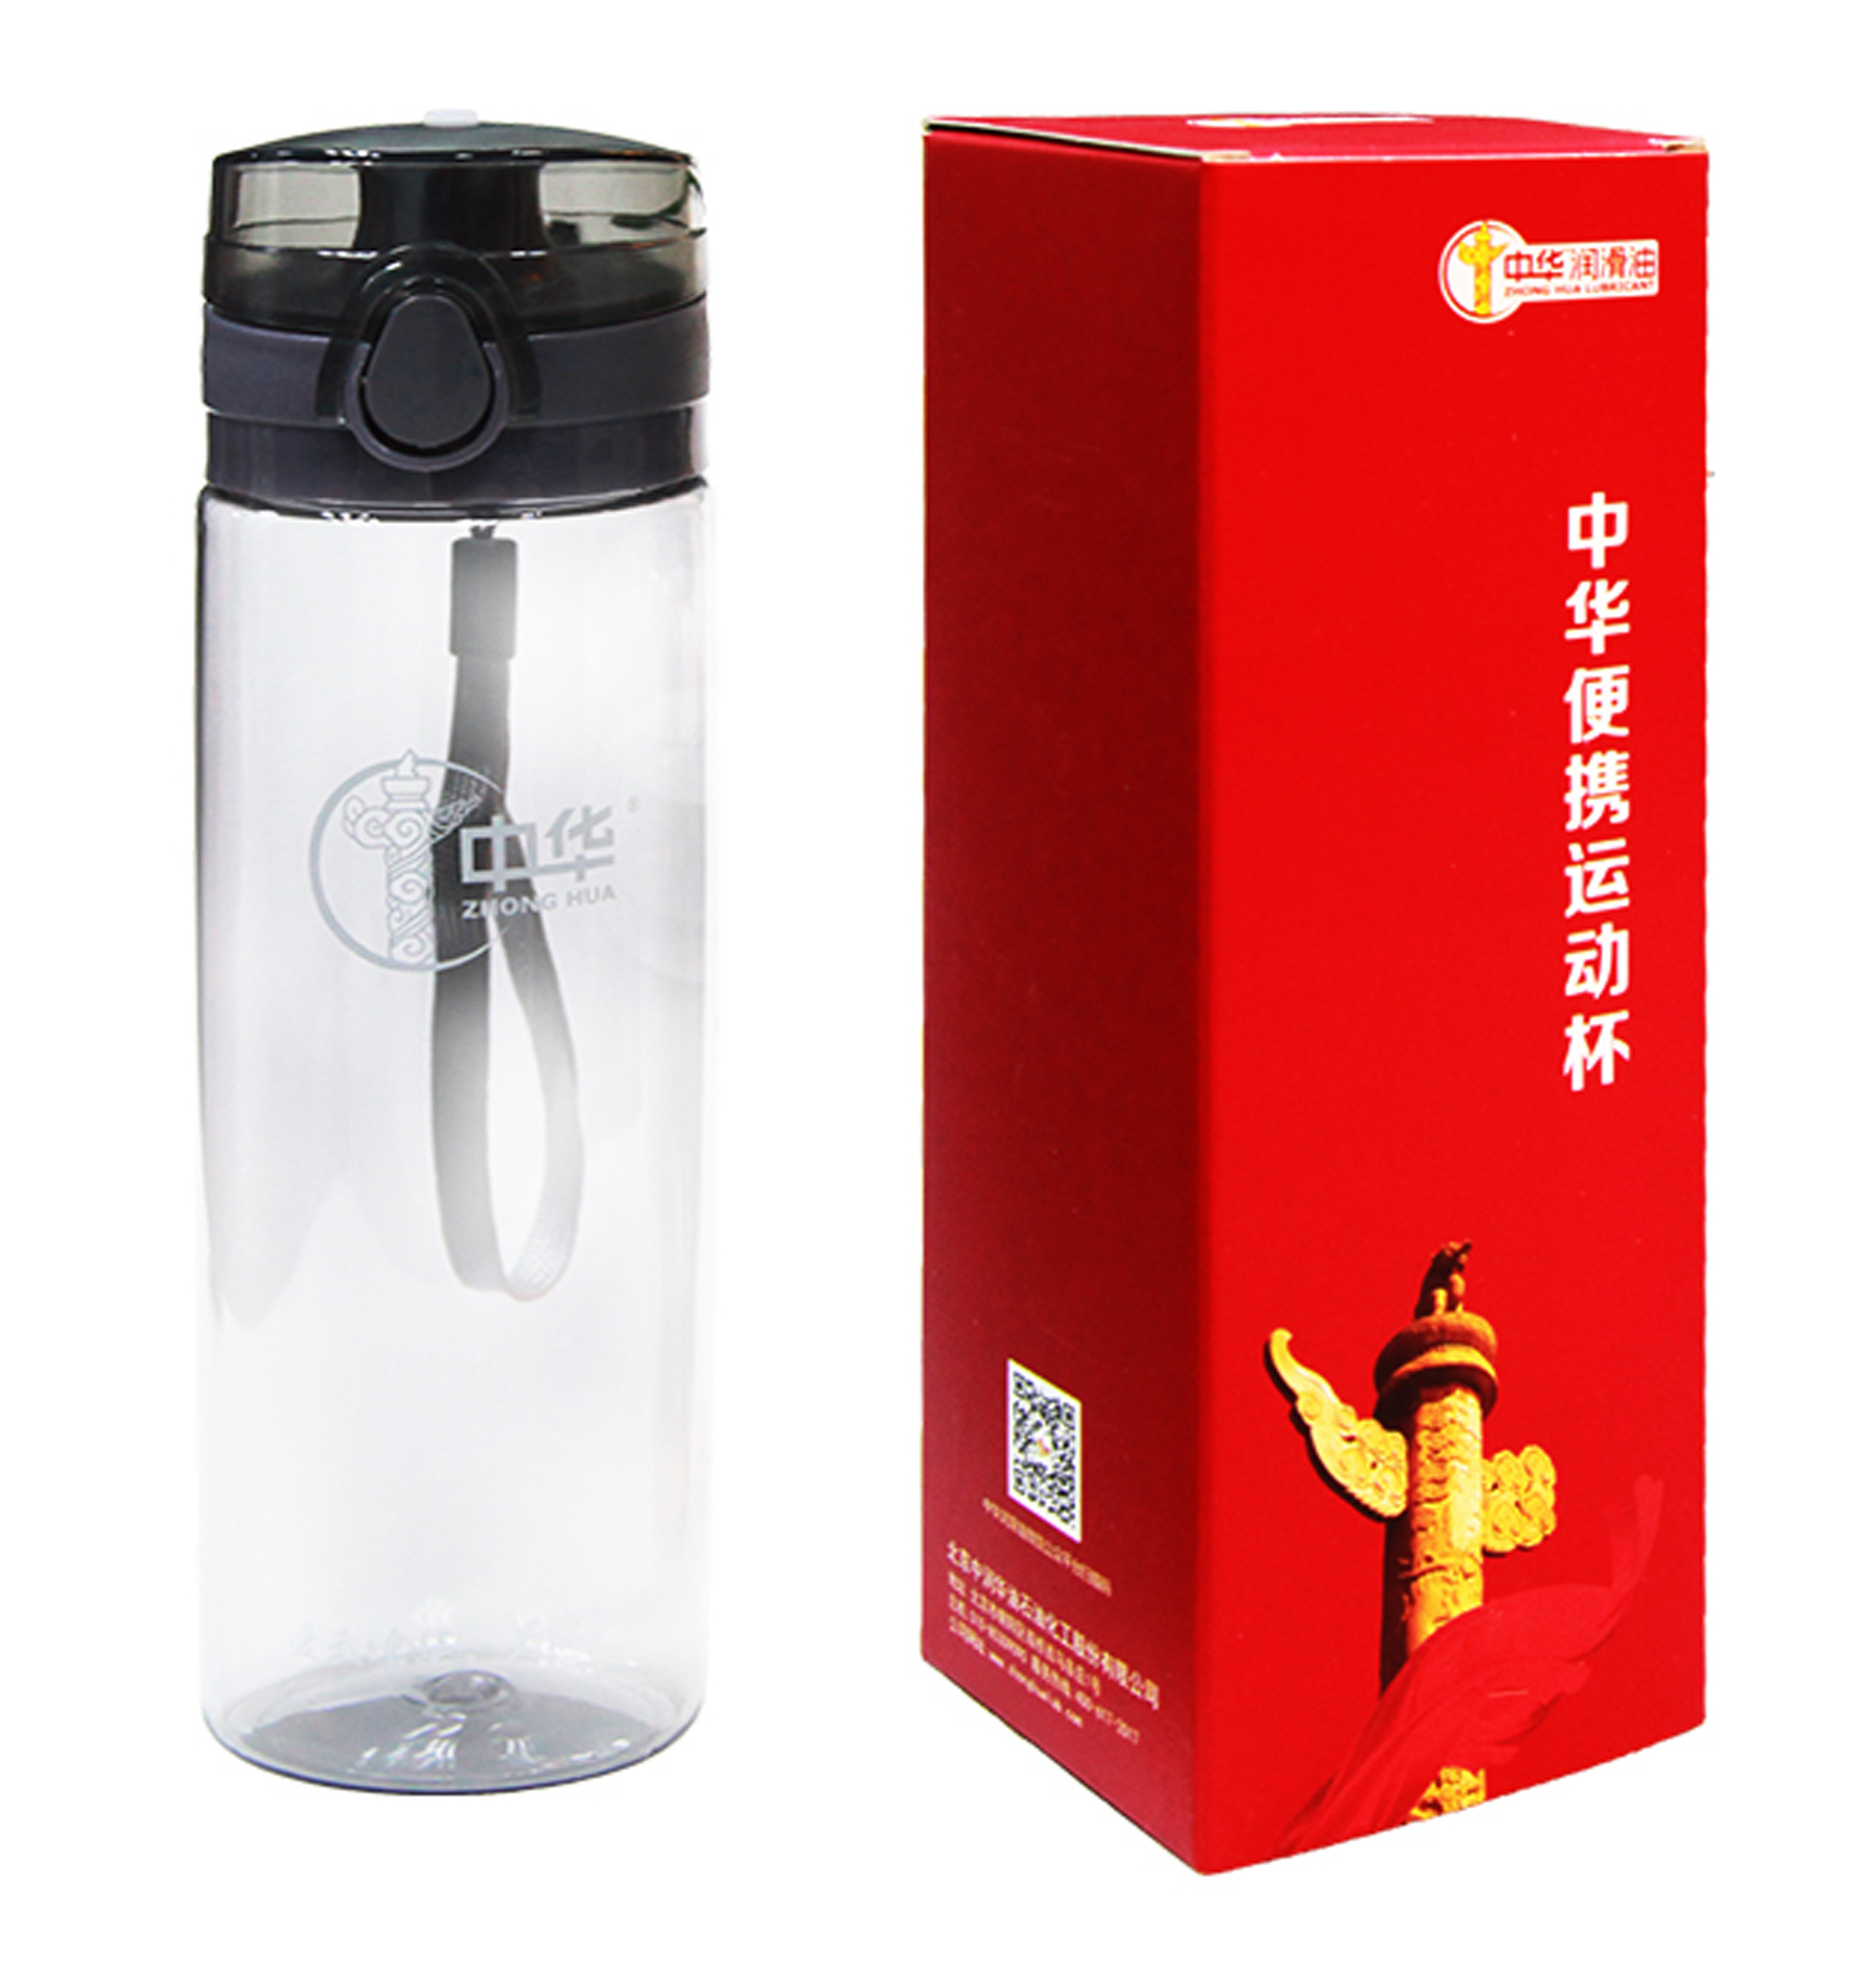 中華便攜運動杯